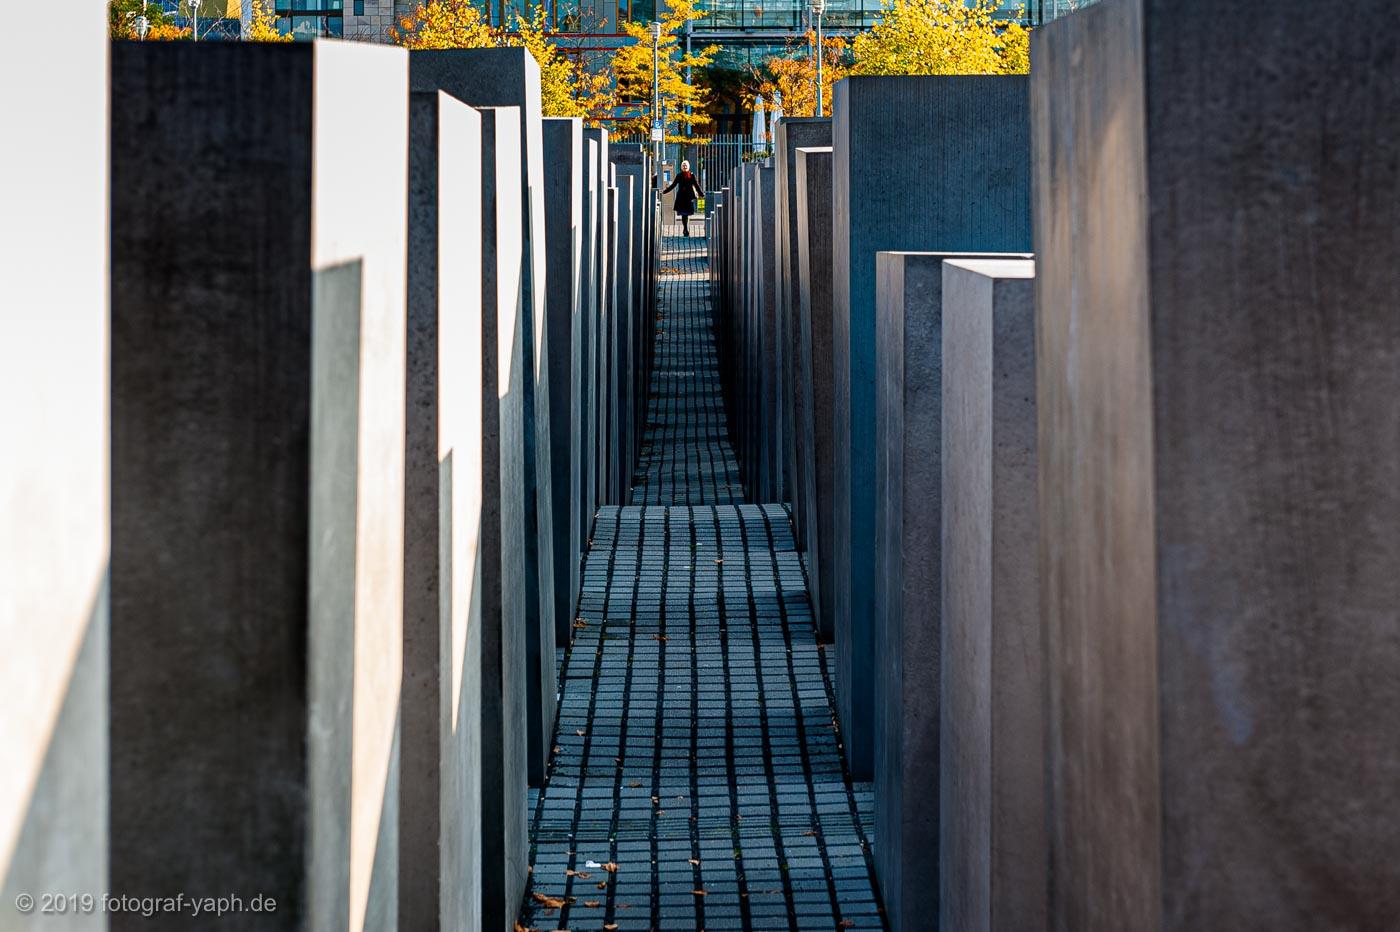 Die unterschiedlich hohen Stelen des Holocaust Denkmals in Berlin zeigen trotz ihrer Schlichtheit die Vielfältigkeit der Menschen für die sie stehen